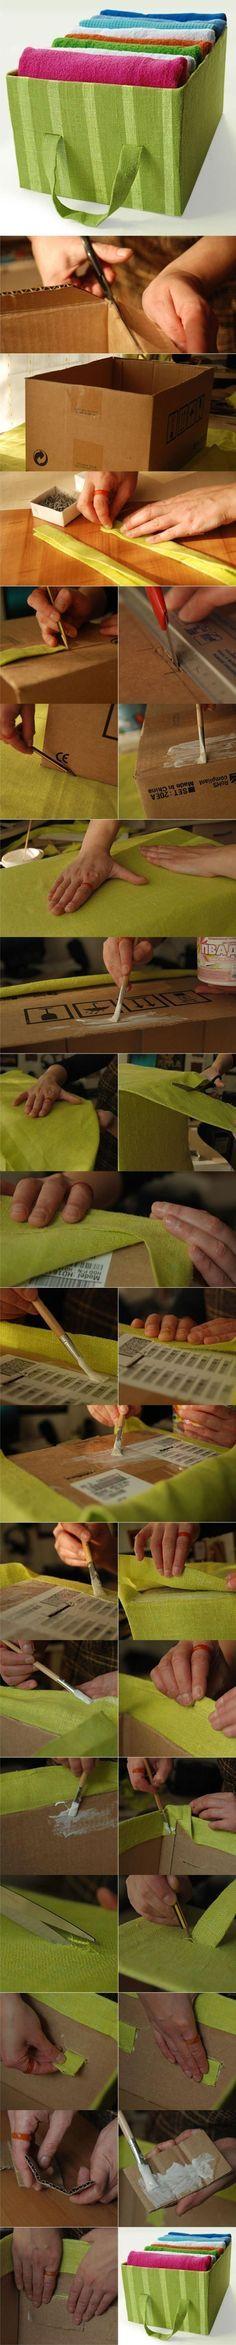 Un DIY de como forrar una caja de cartón